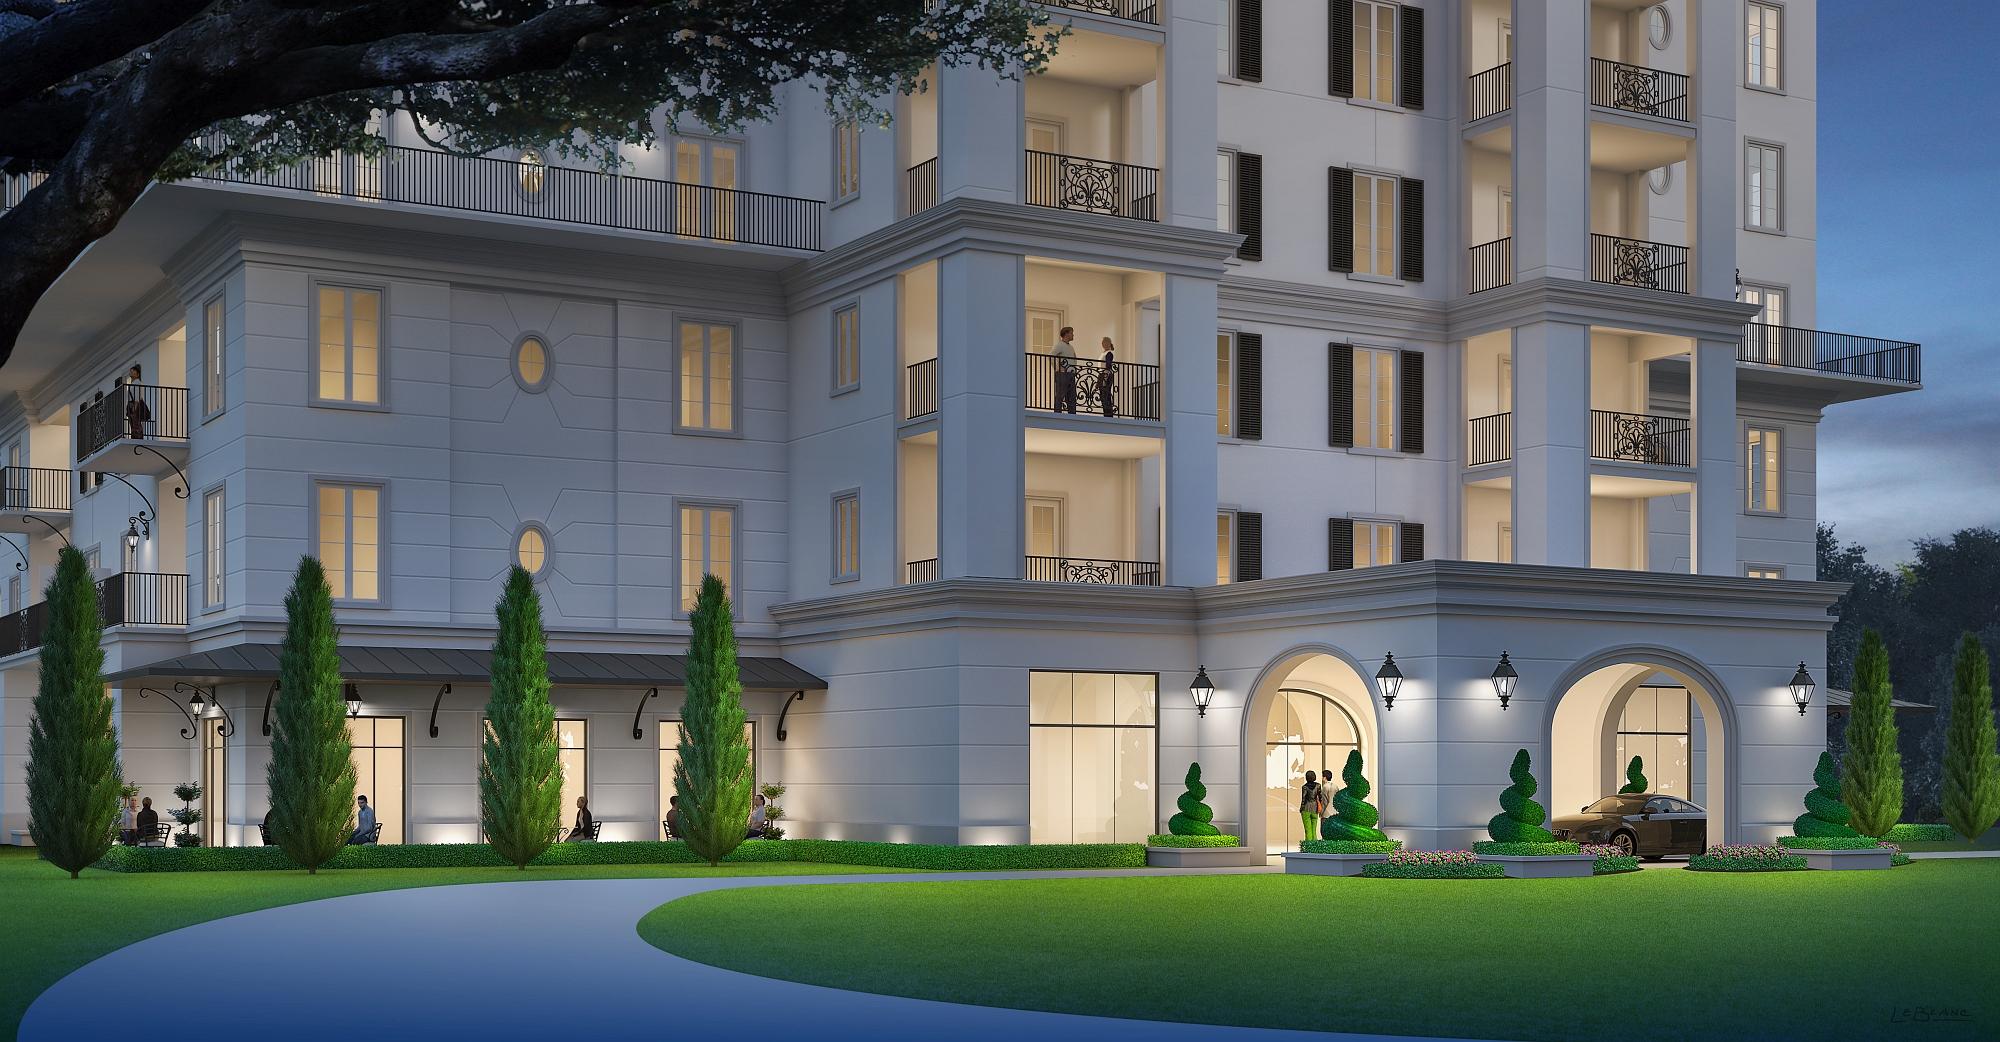 residential-0589361297.jpg